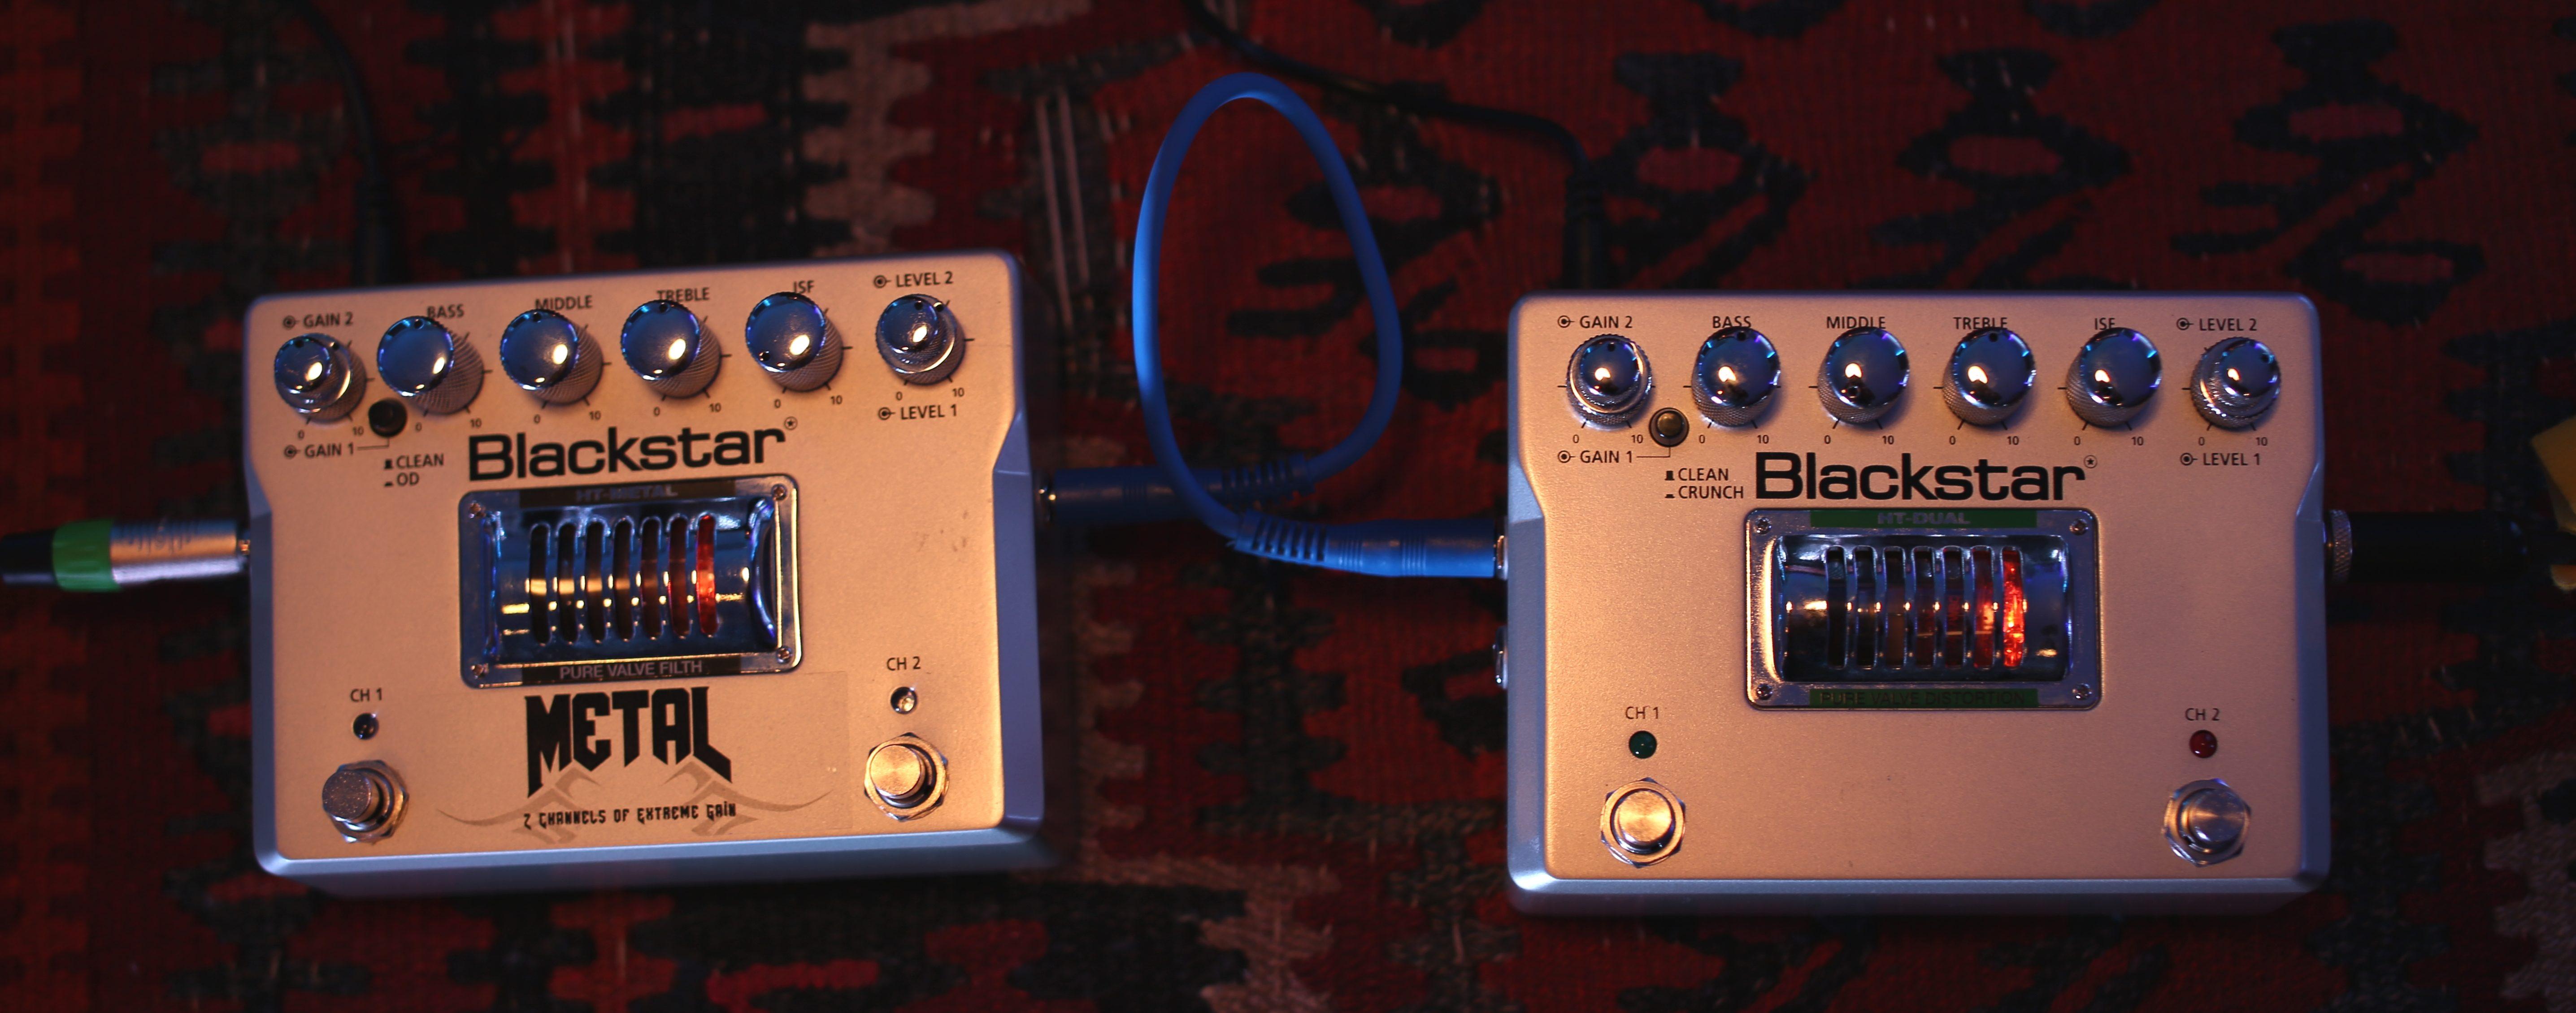 Blackstar Metal Dual pedals distortion gain crunch guitar bass instrument fx effects